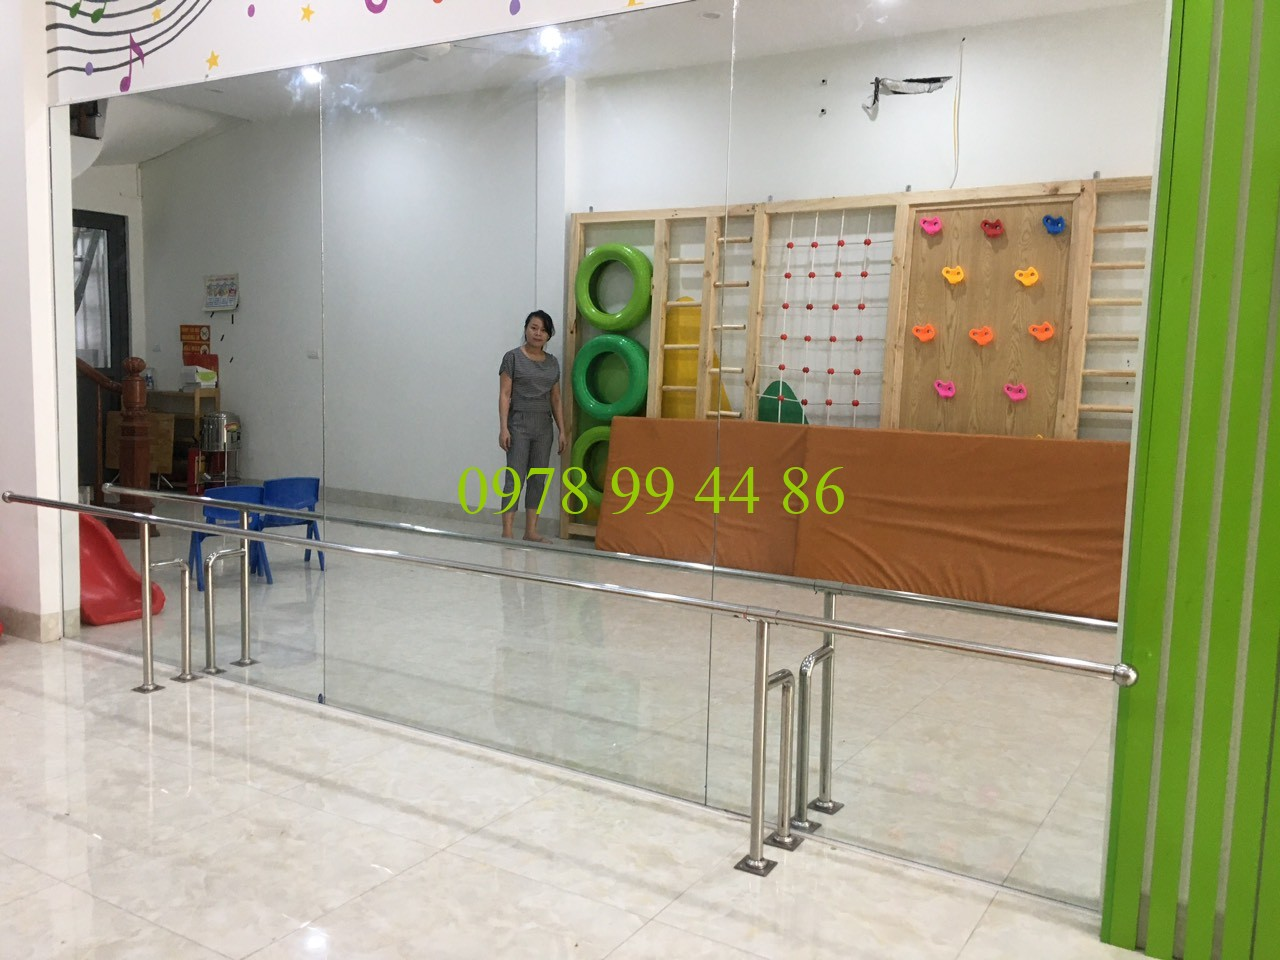 Gương phòng tập 980ki Gương phòng tập khi lắp đặt có khó không ?